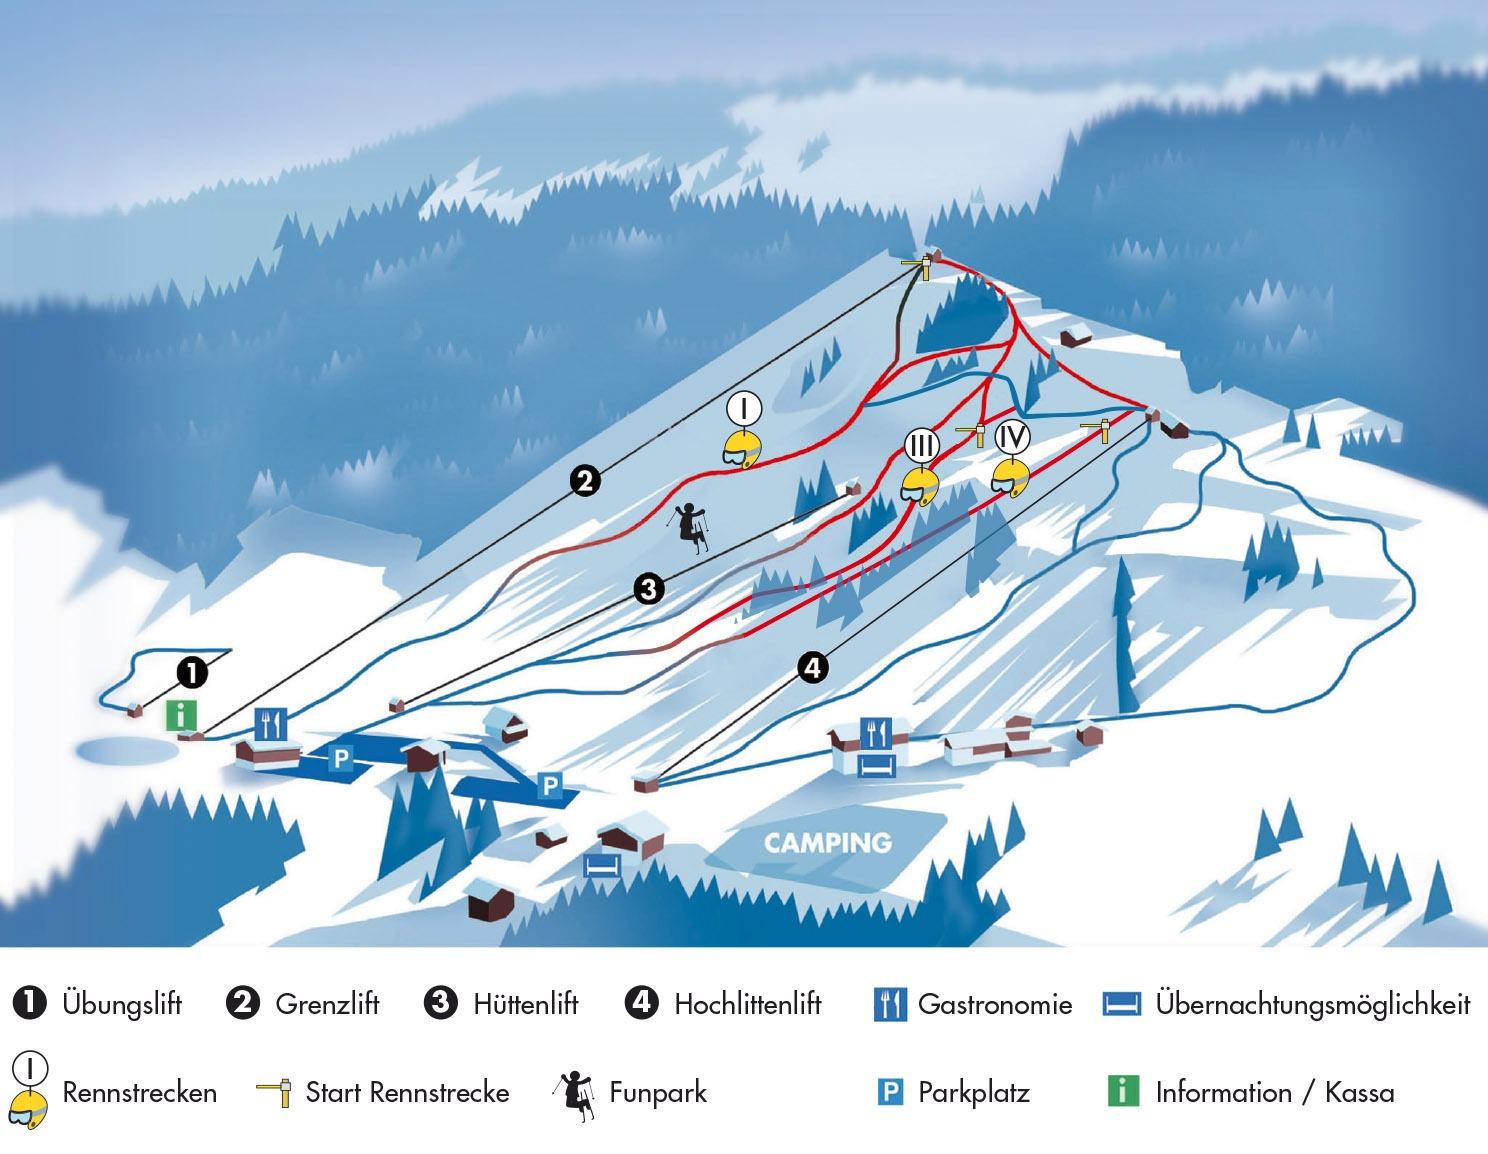 Схема трасс горнолыжного курорта Хохлитен-Рифенсберг